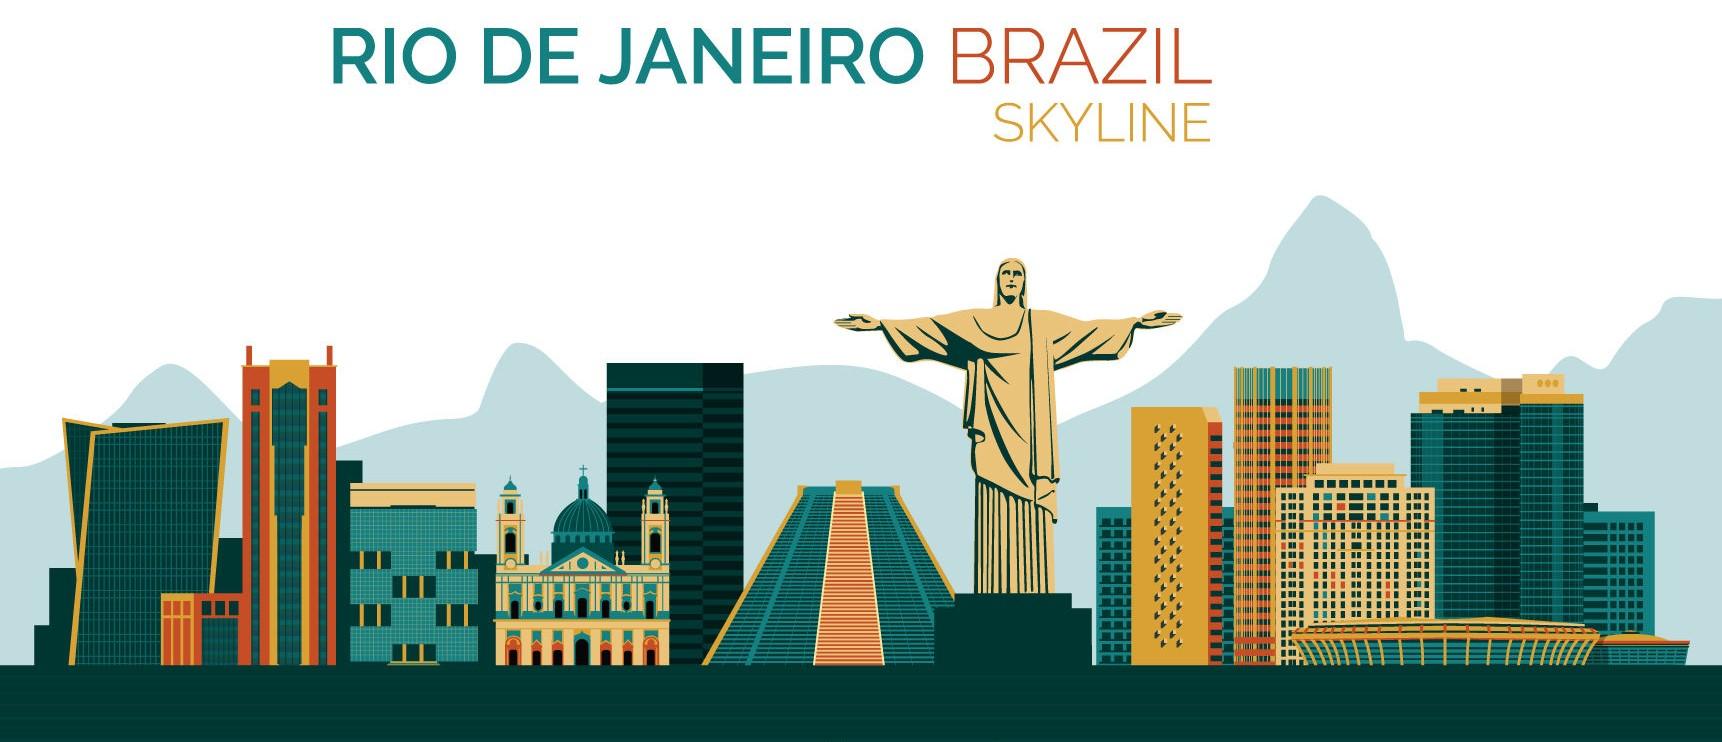 ارسال بارهوایی به برزیل